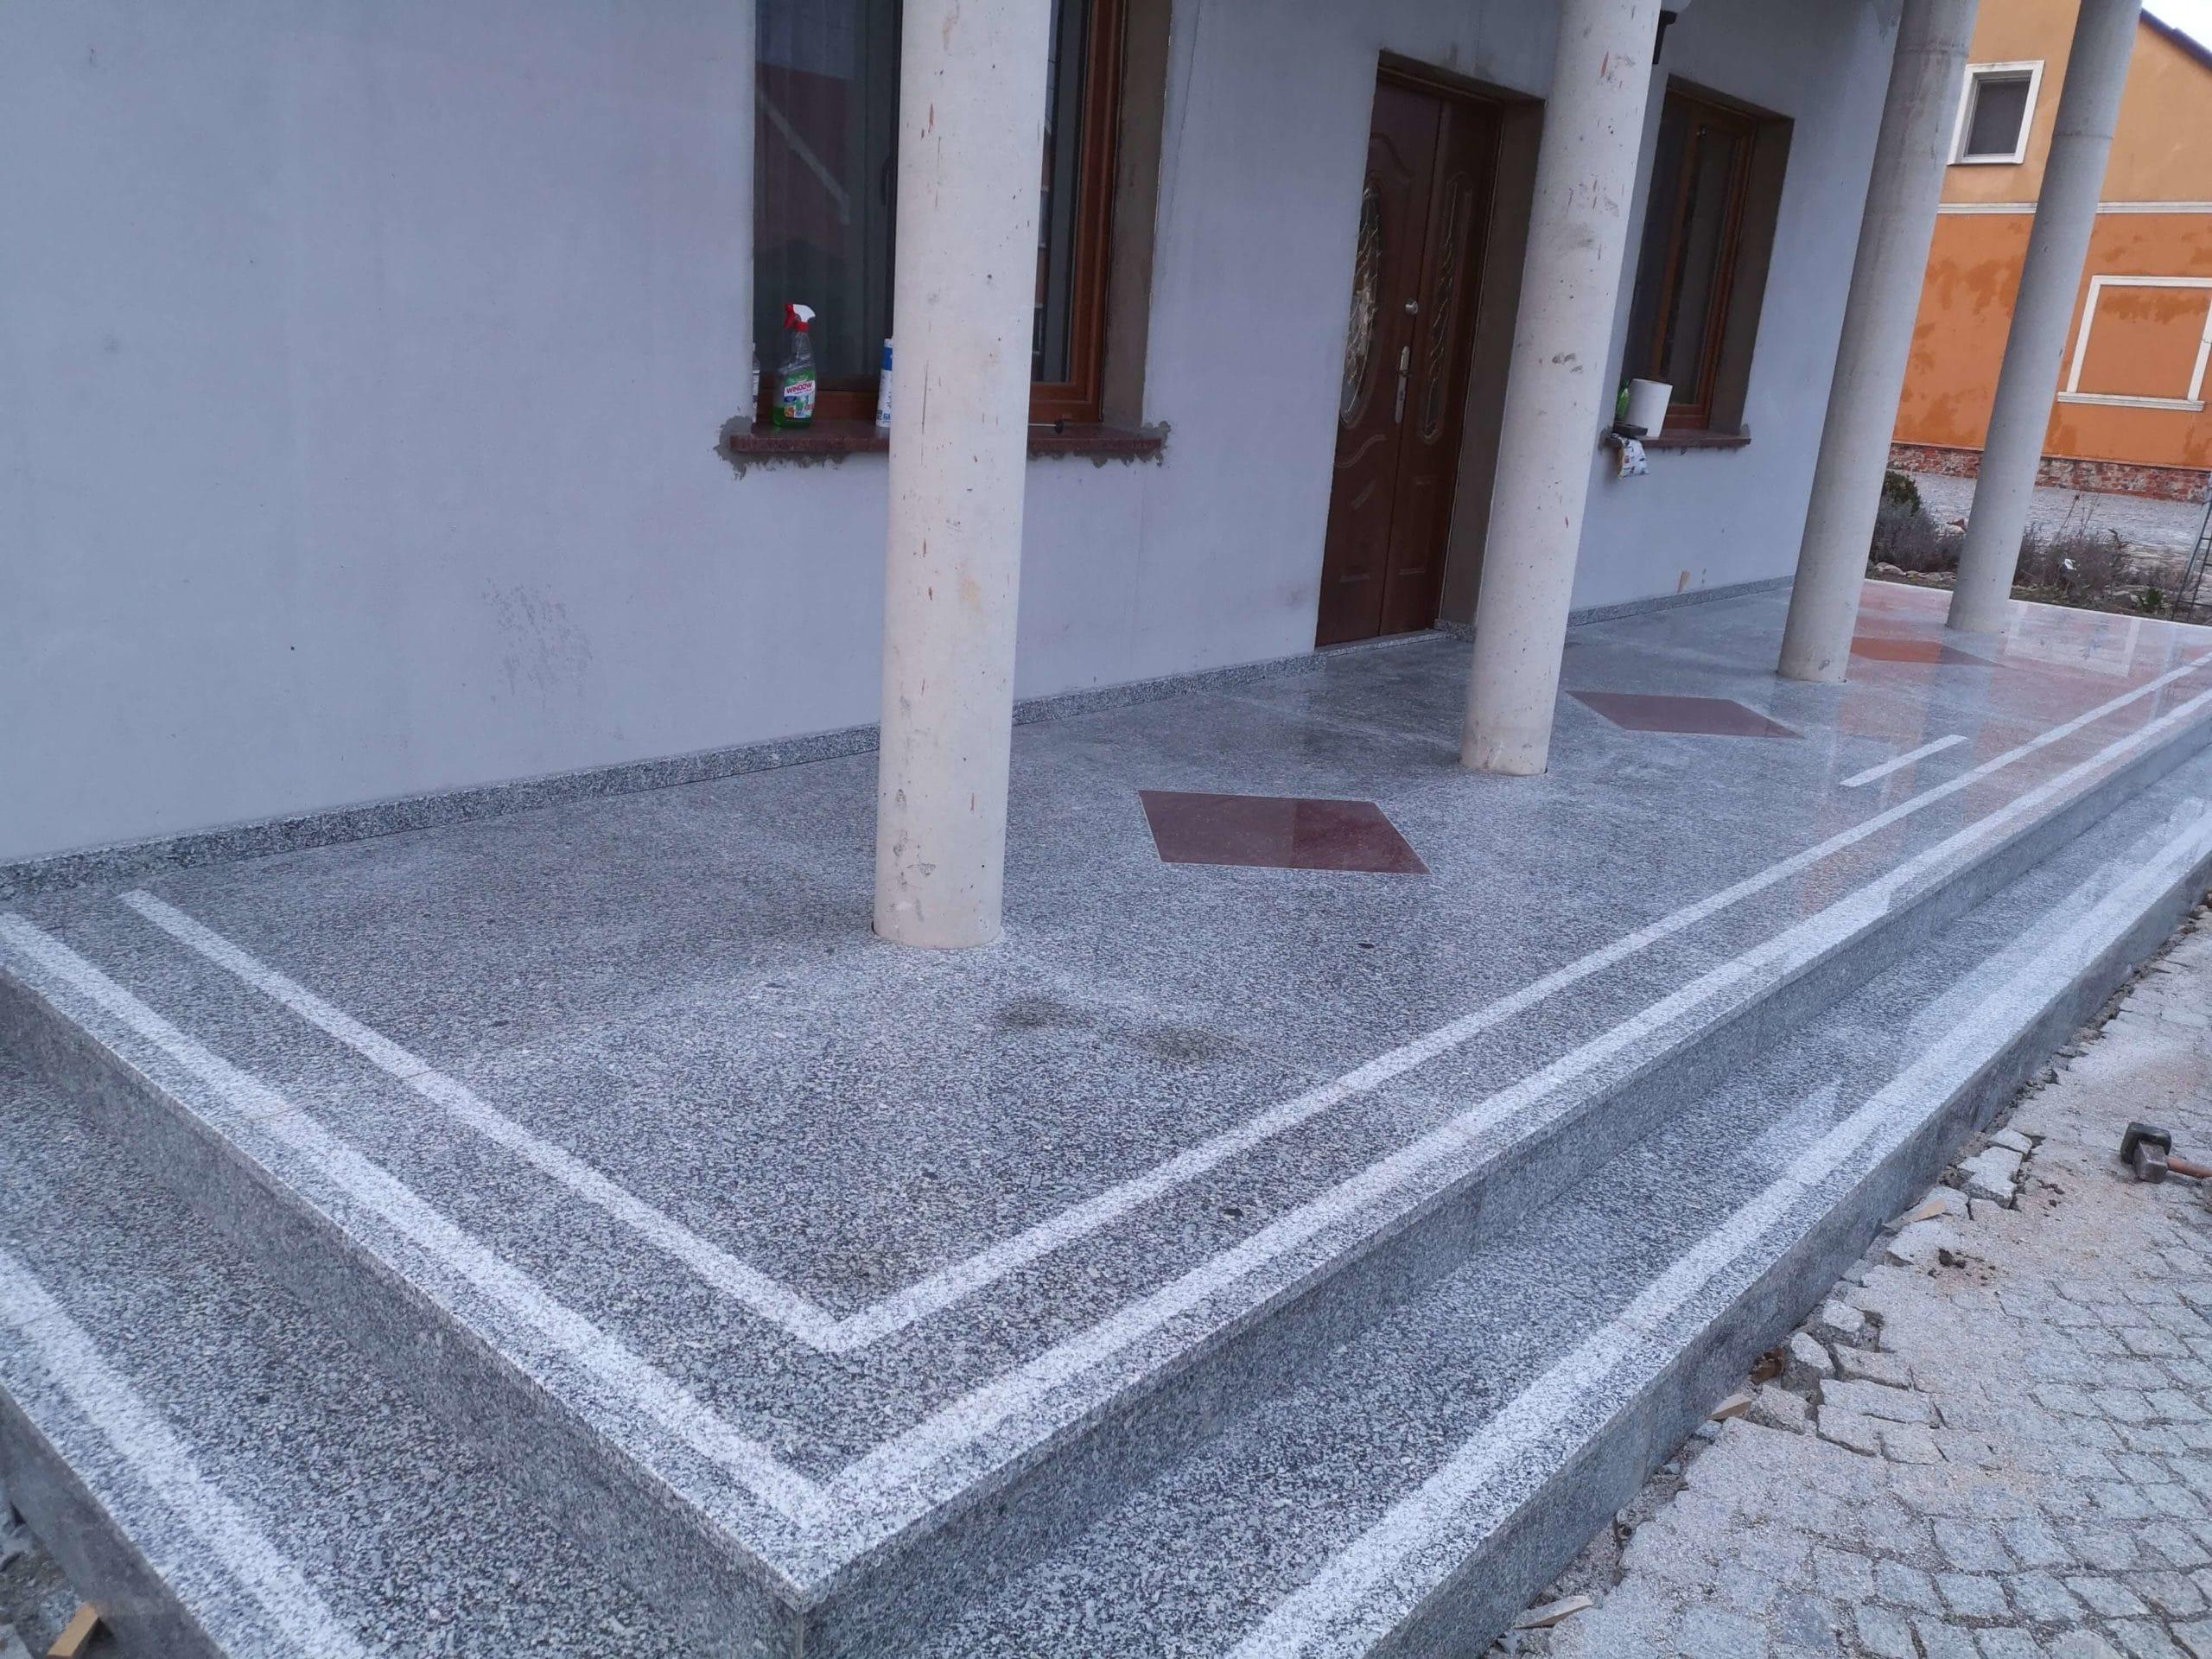 Posadzka granitowa przed domem